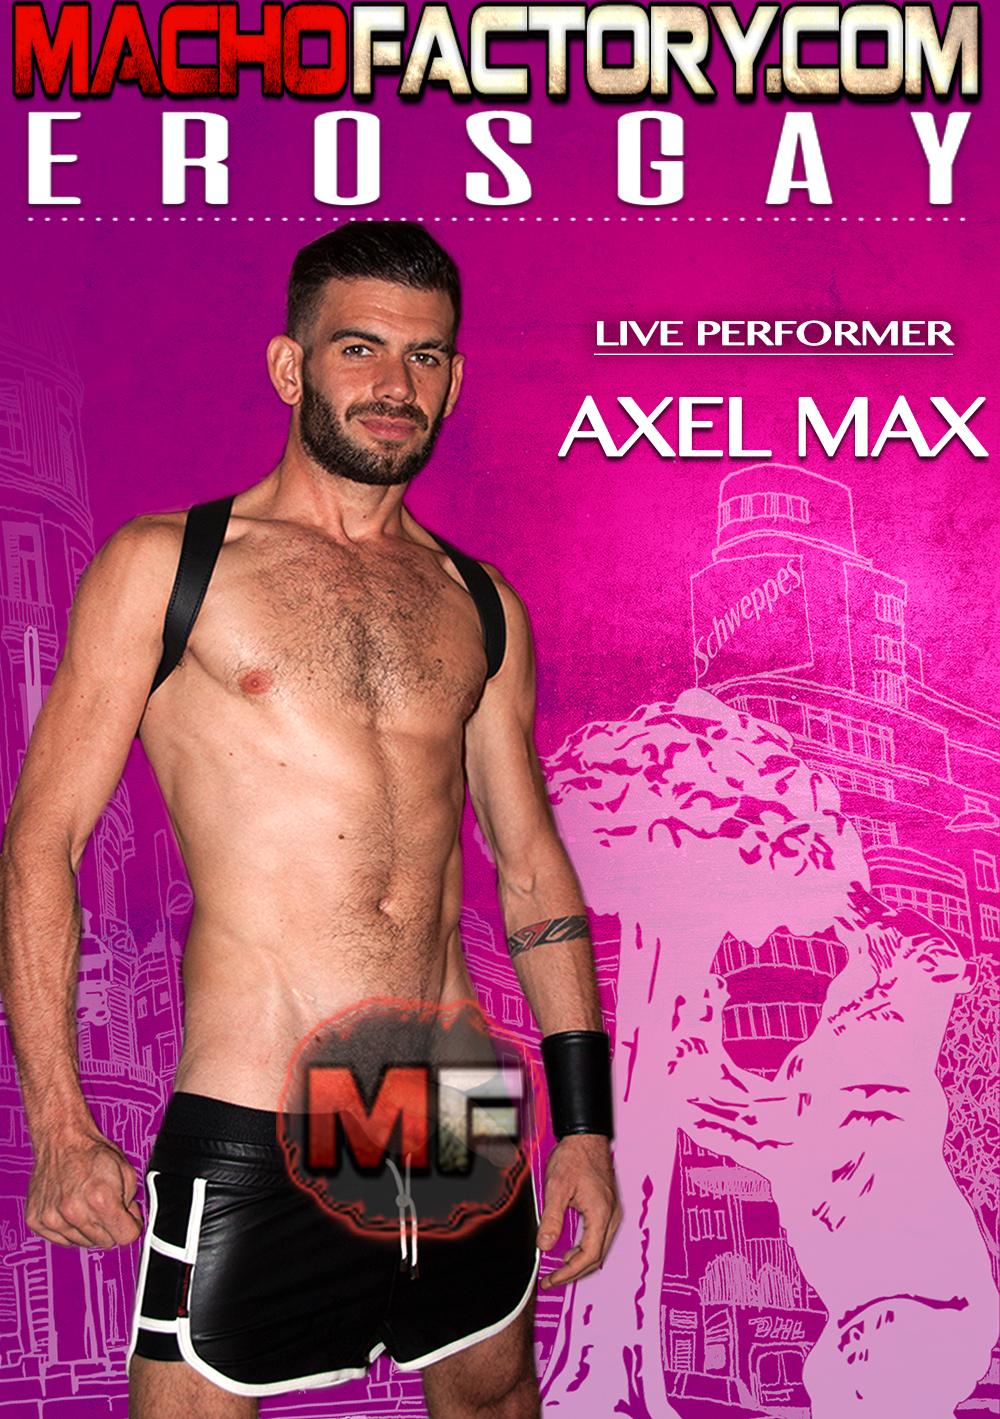 AXEL MAX